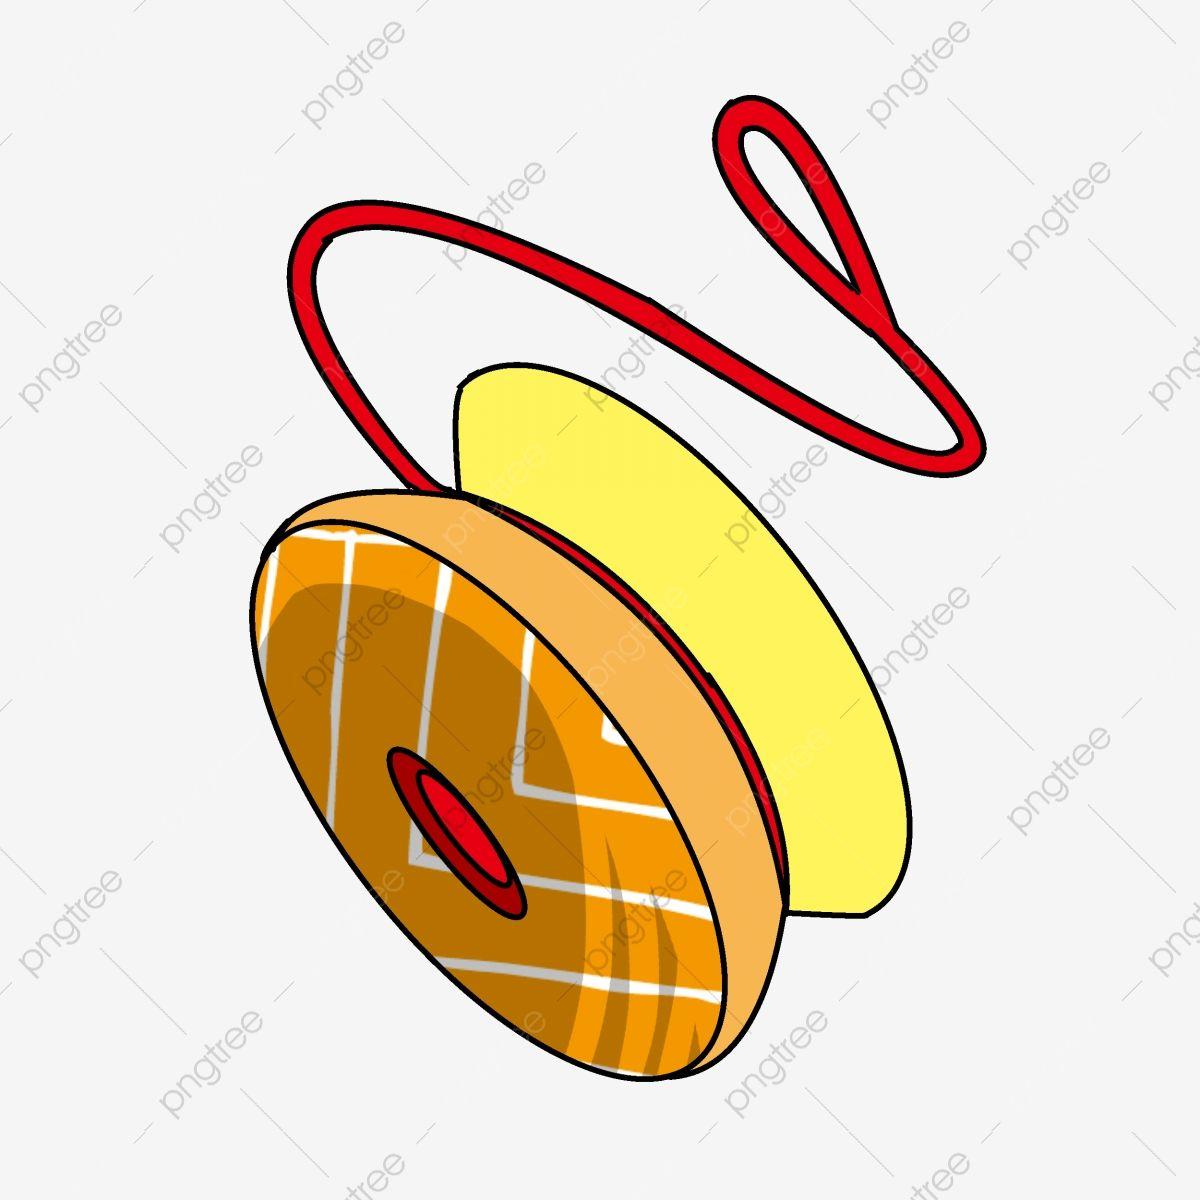 Ilustracion Del Yoyo Juguete De Dibujos Animados Ilustracion Del Juguete Yoyo Amarillo Ilustracion Del Juguete Ilustracion De Png Y Psd Para Descargar Gratis Juguetes Dibujos Dibujos Animados